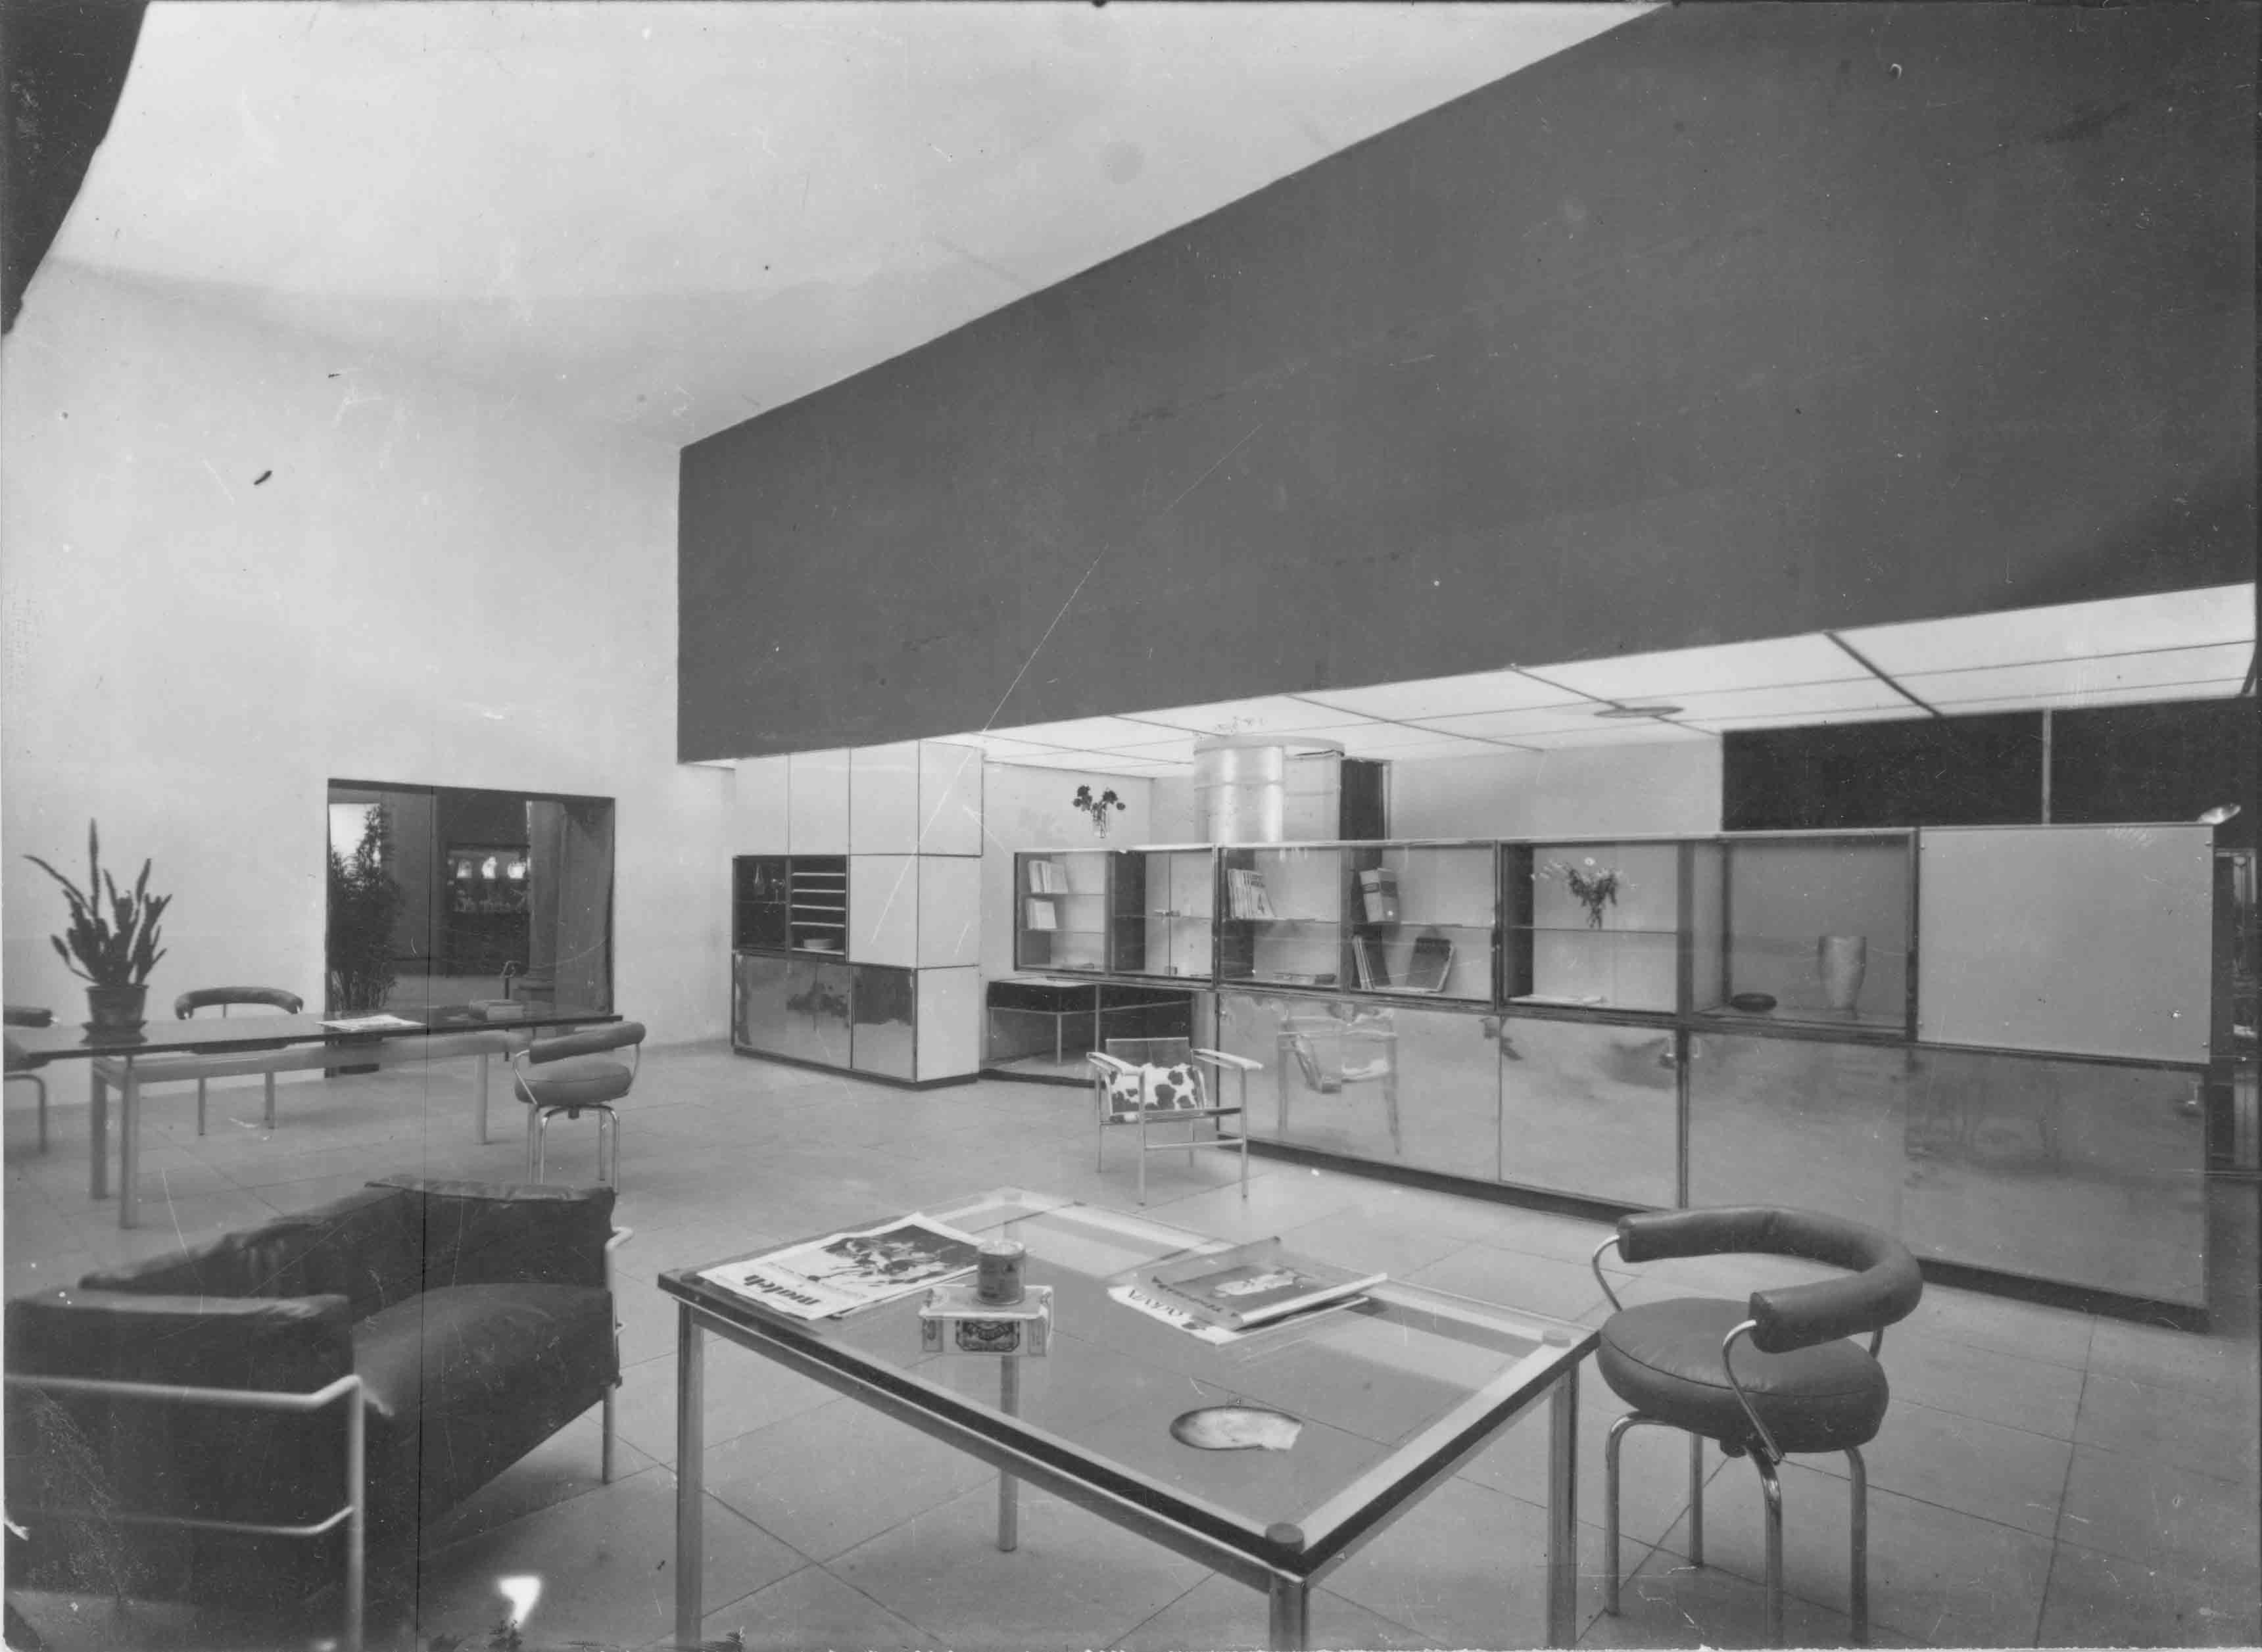 Le Corbusier, Pierre Jeanneret, Charlotte Perriand, Stand équipement intérieur d'une habitation, 1929